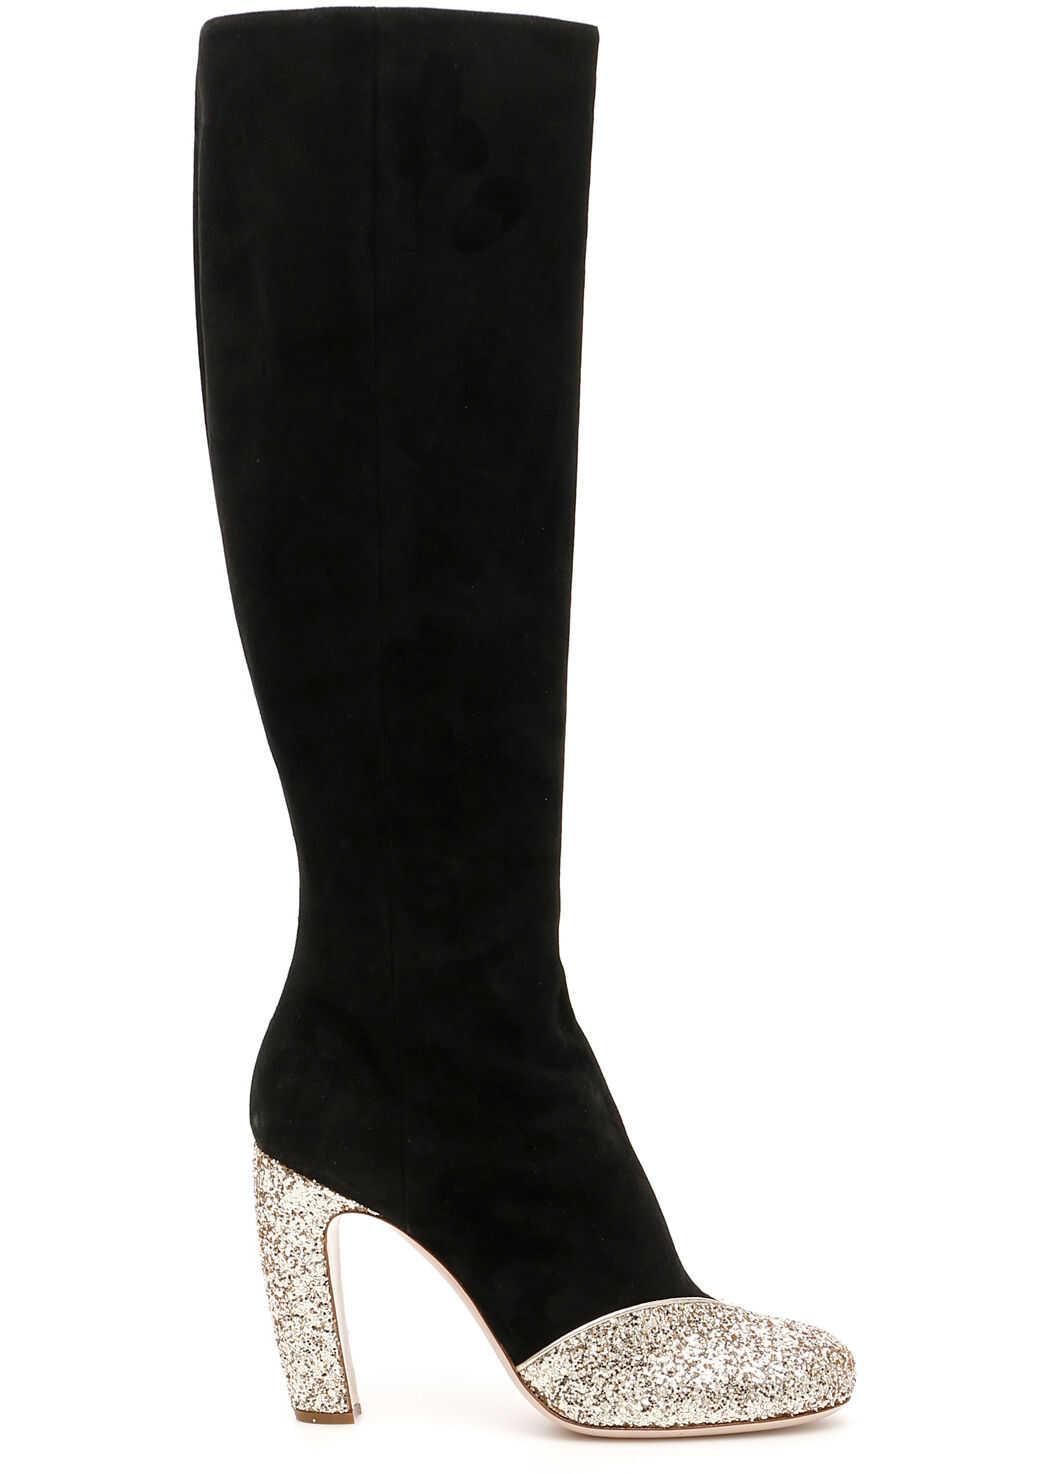 Miu Miu Boots With Glitter Details PIRITE NERO